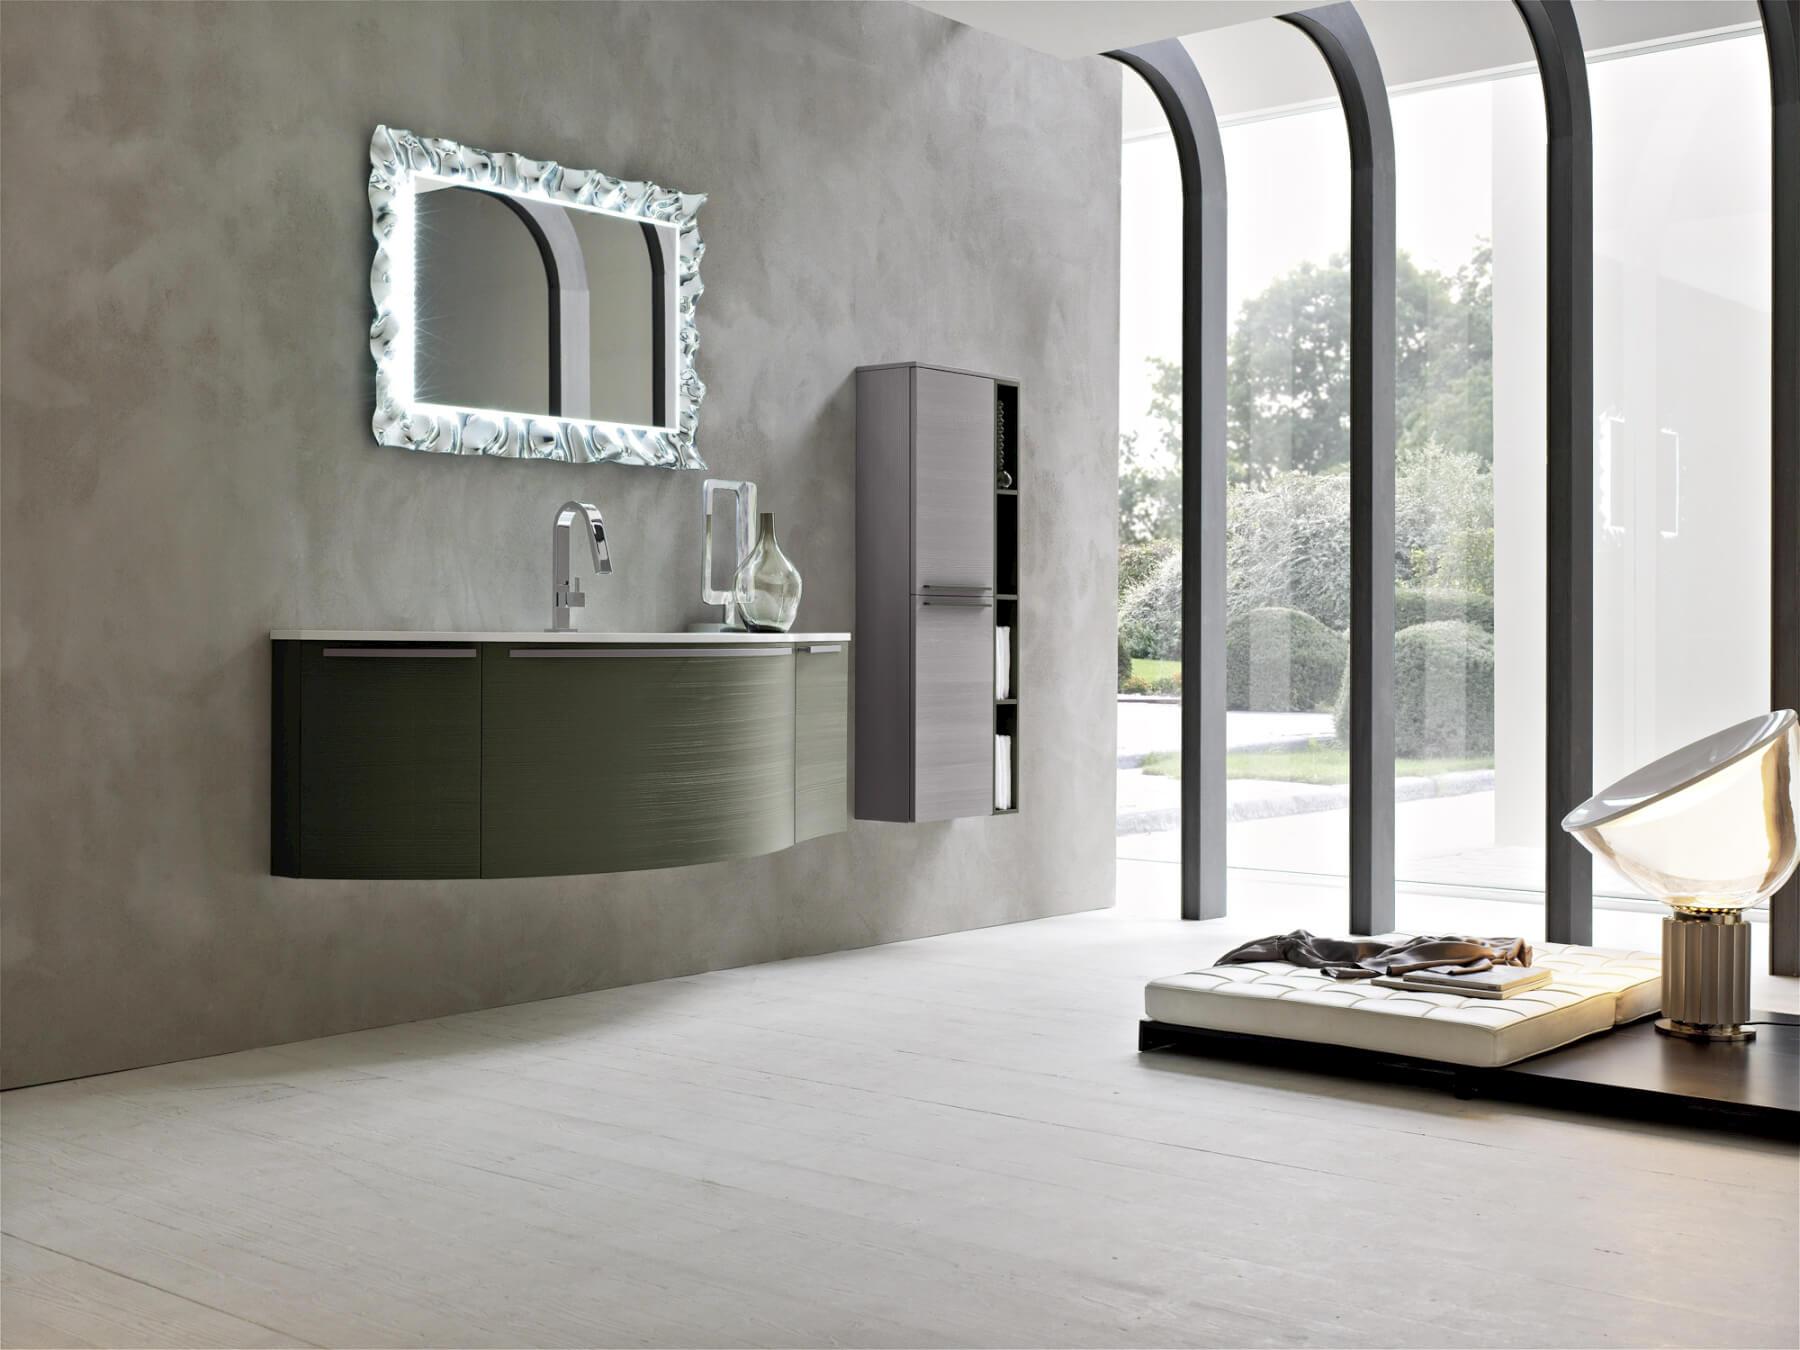 Piano Lavabo In Corian tondo legno rovere verde specchiera cornice argento piano